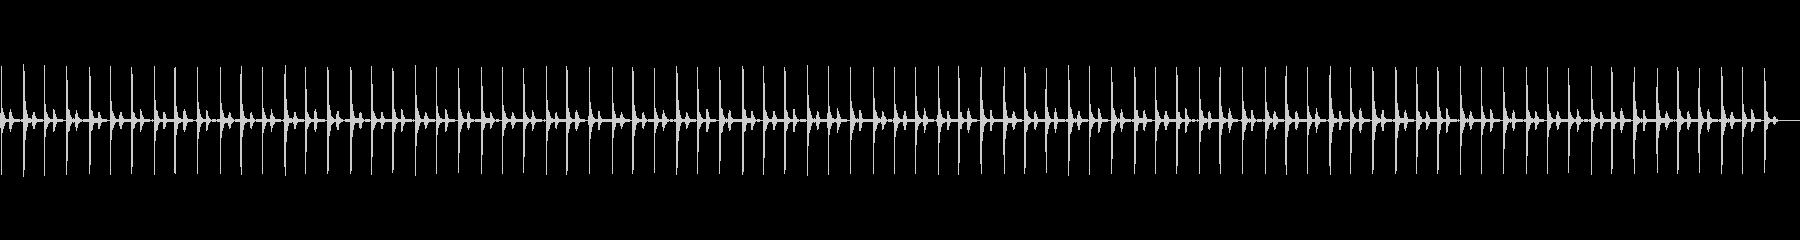 NORMAL BEAT、HUMAN...の未再生の波形